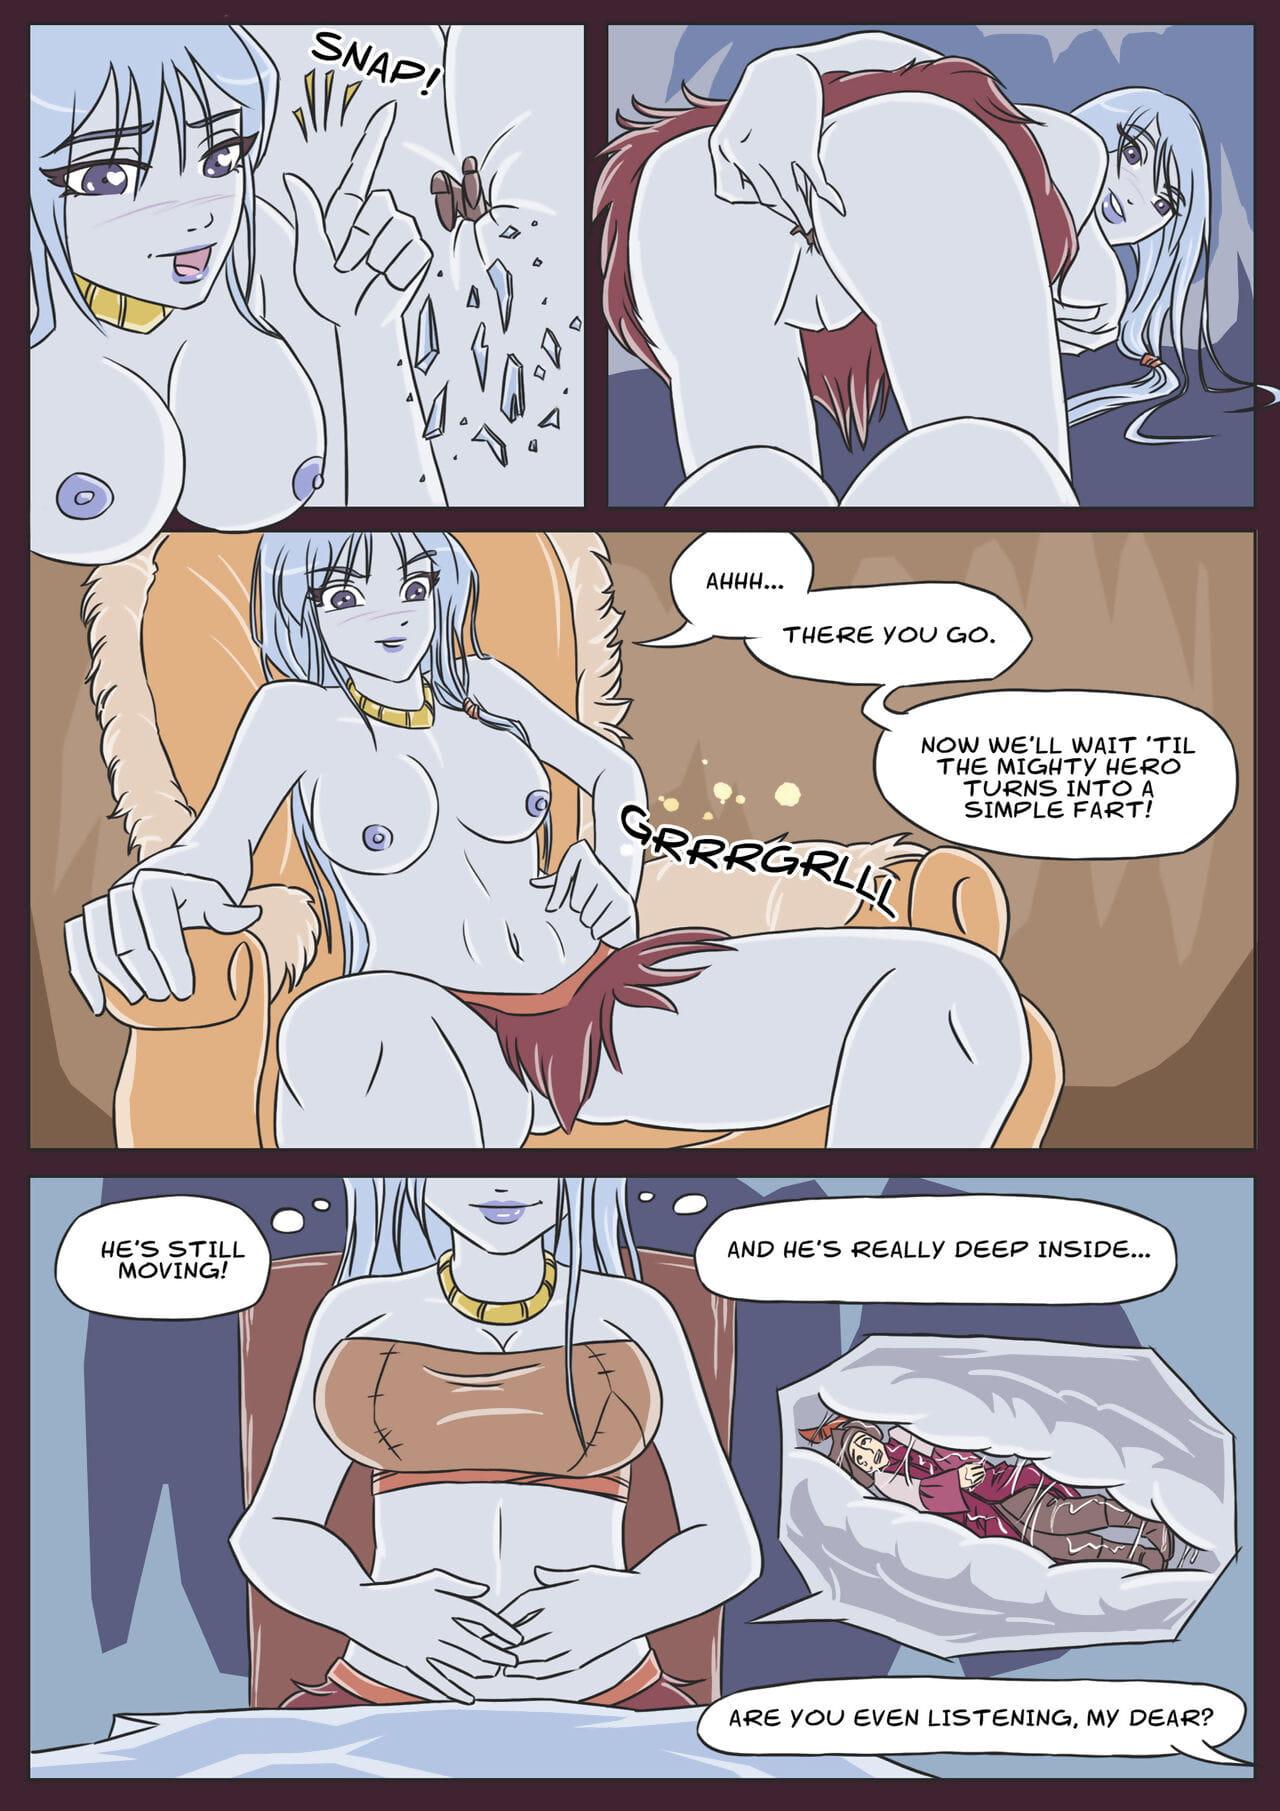 Sex giantess Giantess Porn